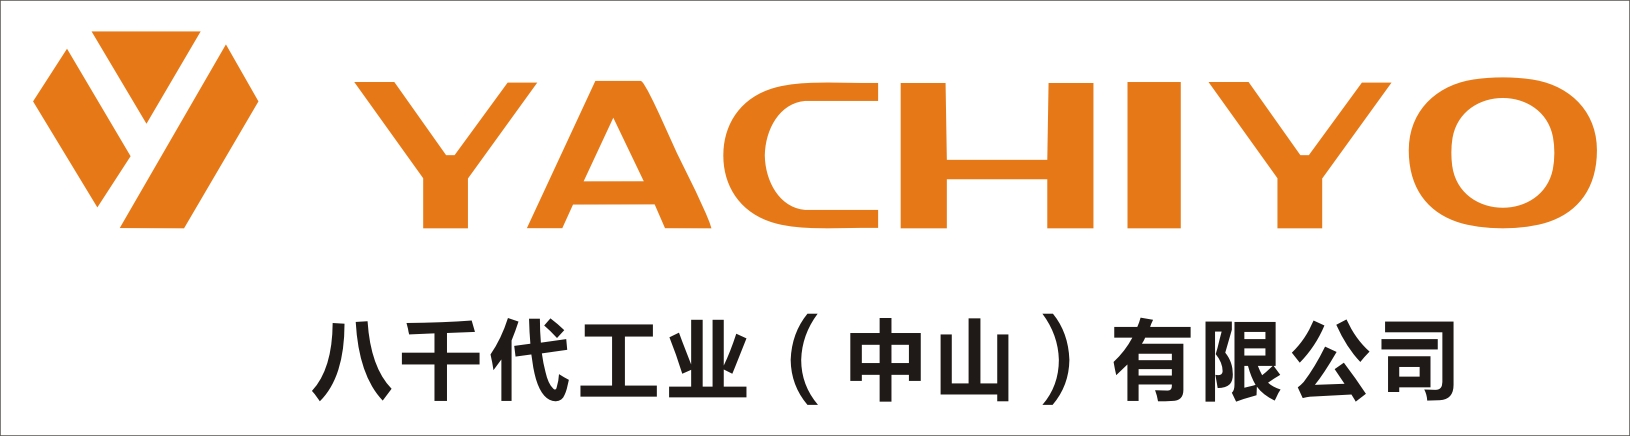 八千代工业(中山)有限公司_国际人才网_www.f8892.com